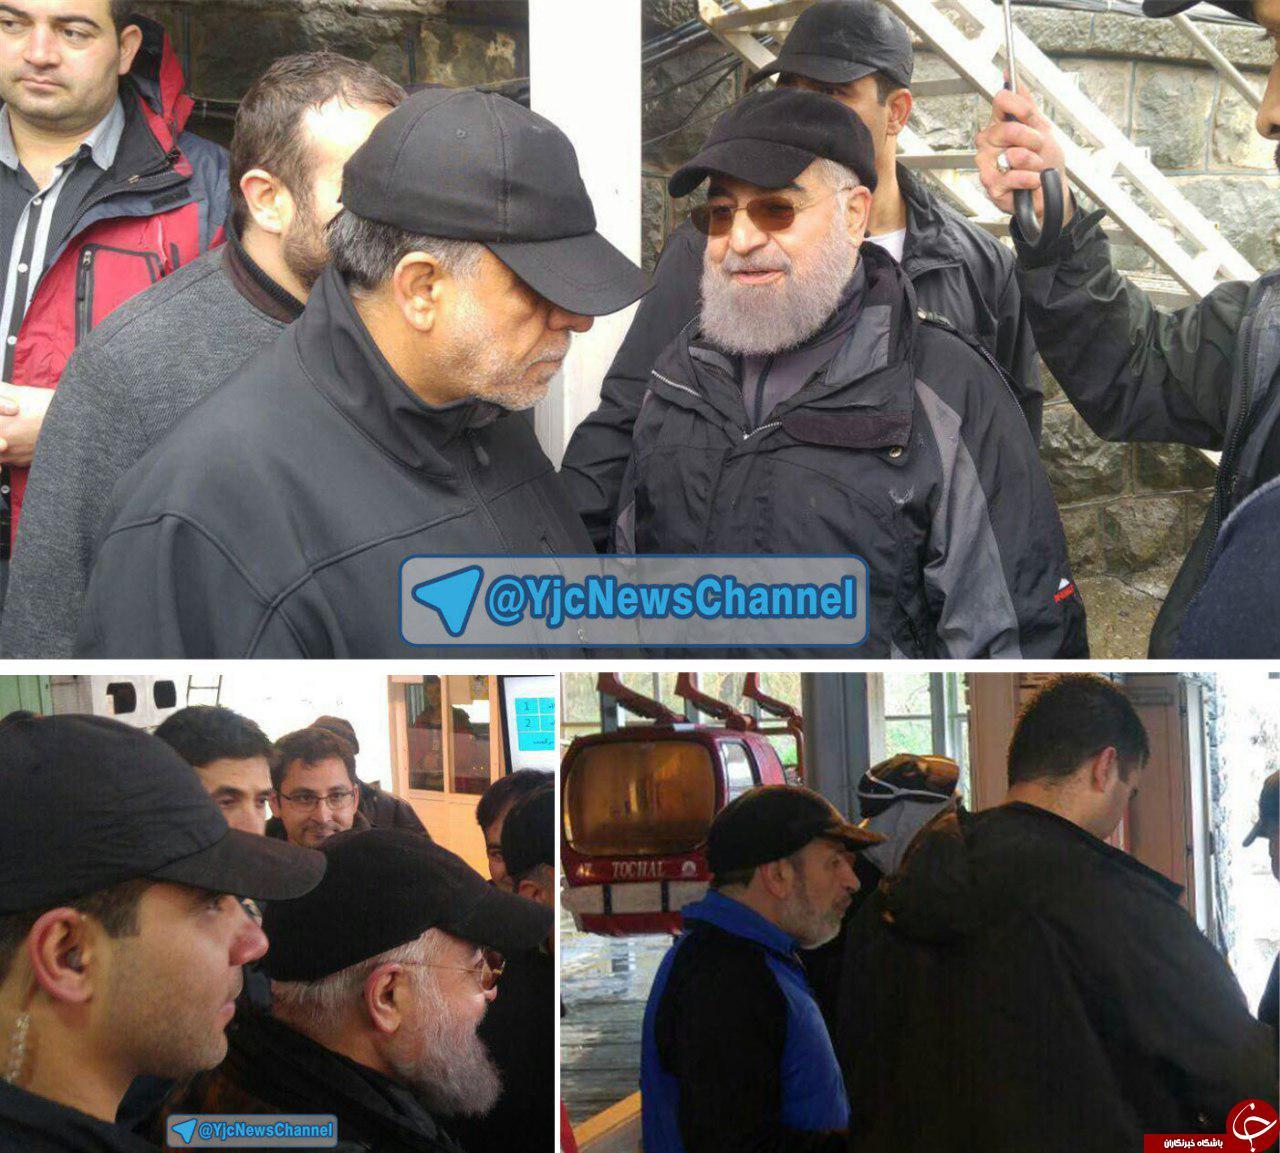 پیاده روی امروز رئیس جمهور و استفاده از تله کابین توچال با تیپ متفاوت + تصاویر